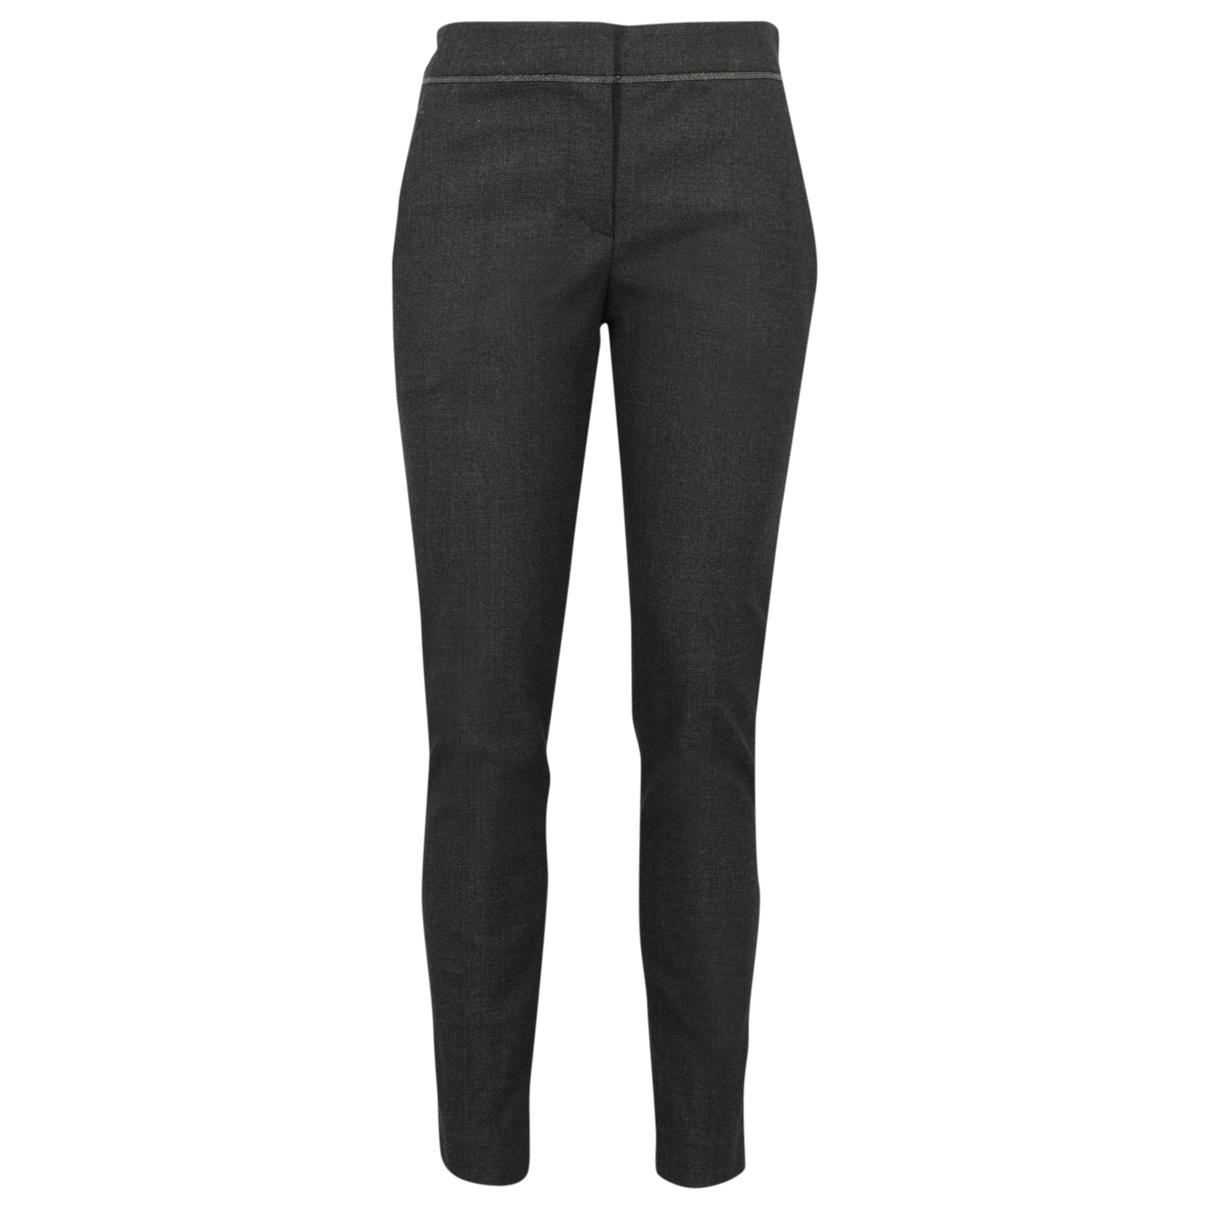 Pantalon de Lana Brunello Cucinelli